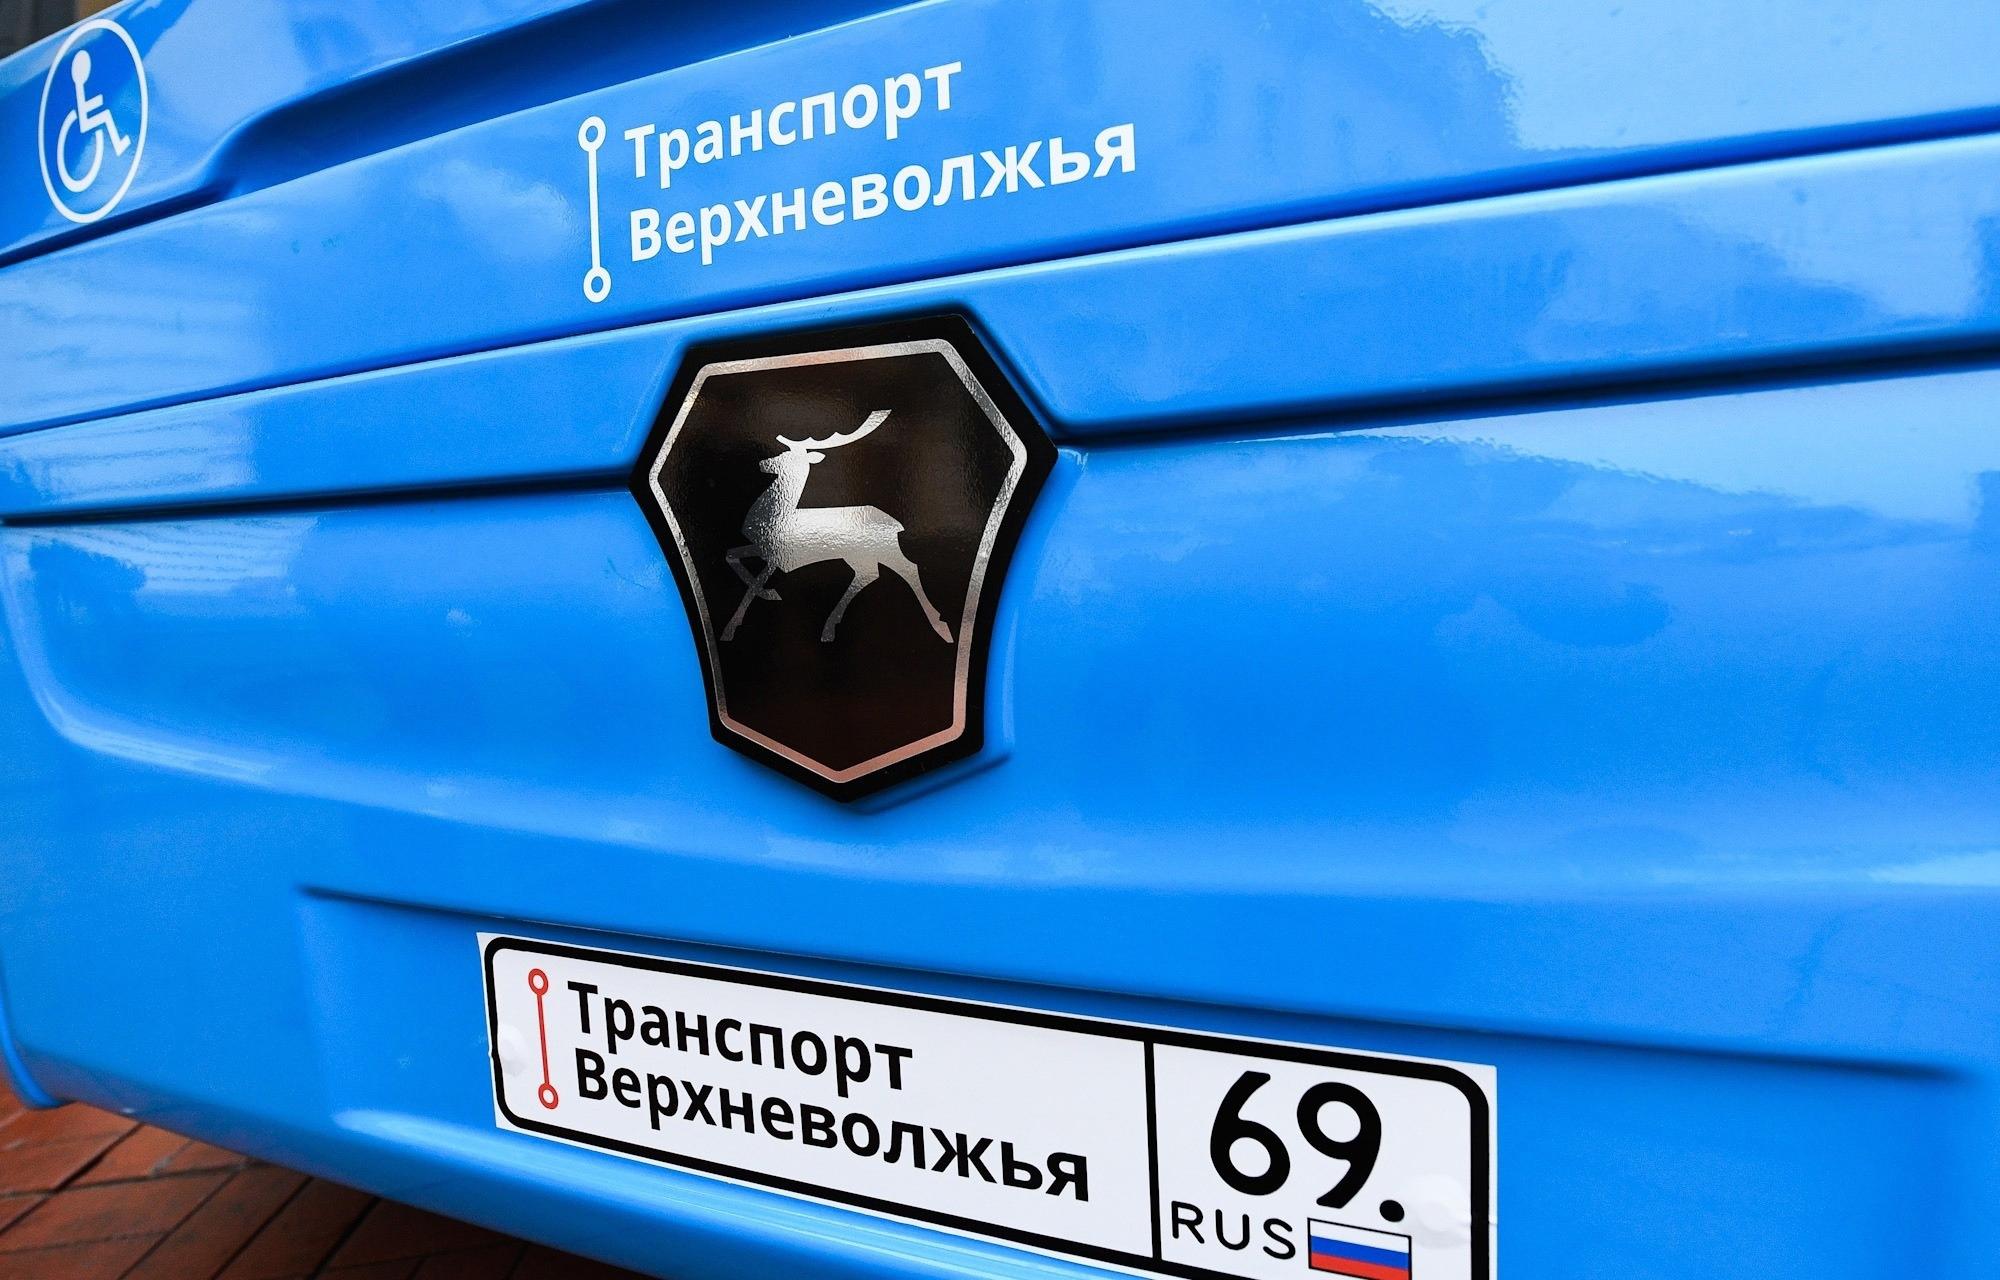 Стало известно, как 8 марта в Твери будут работать автобусы